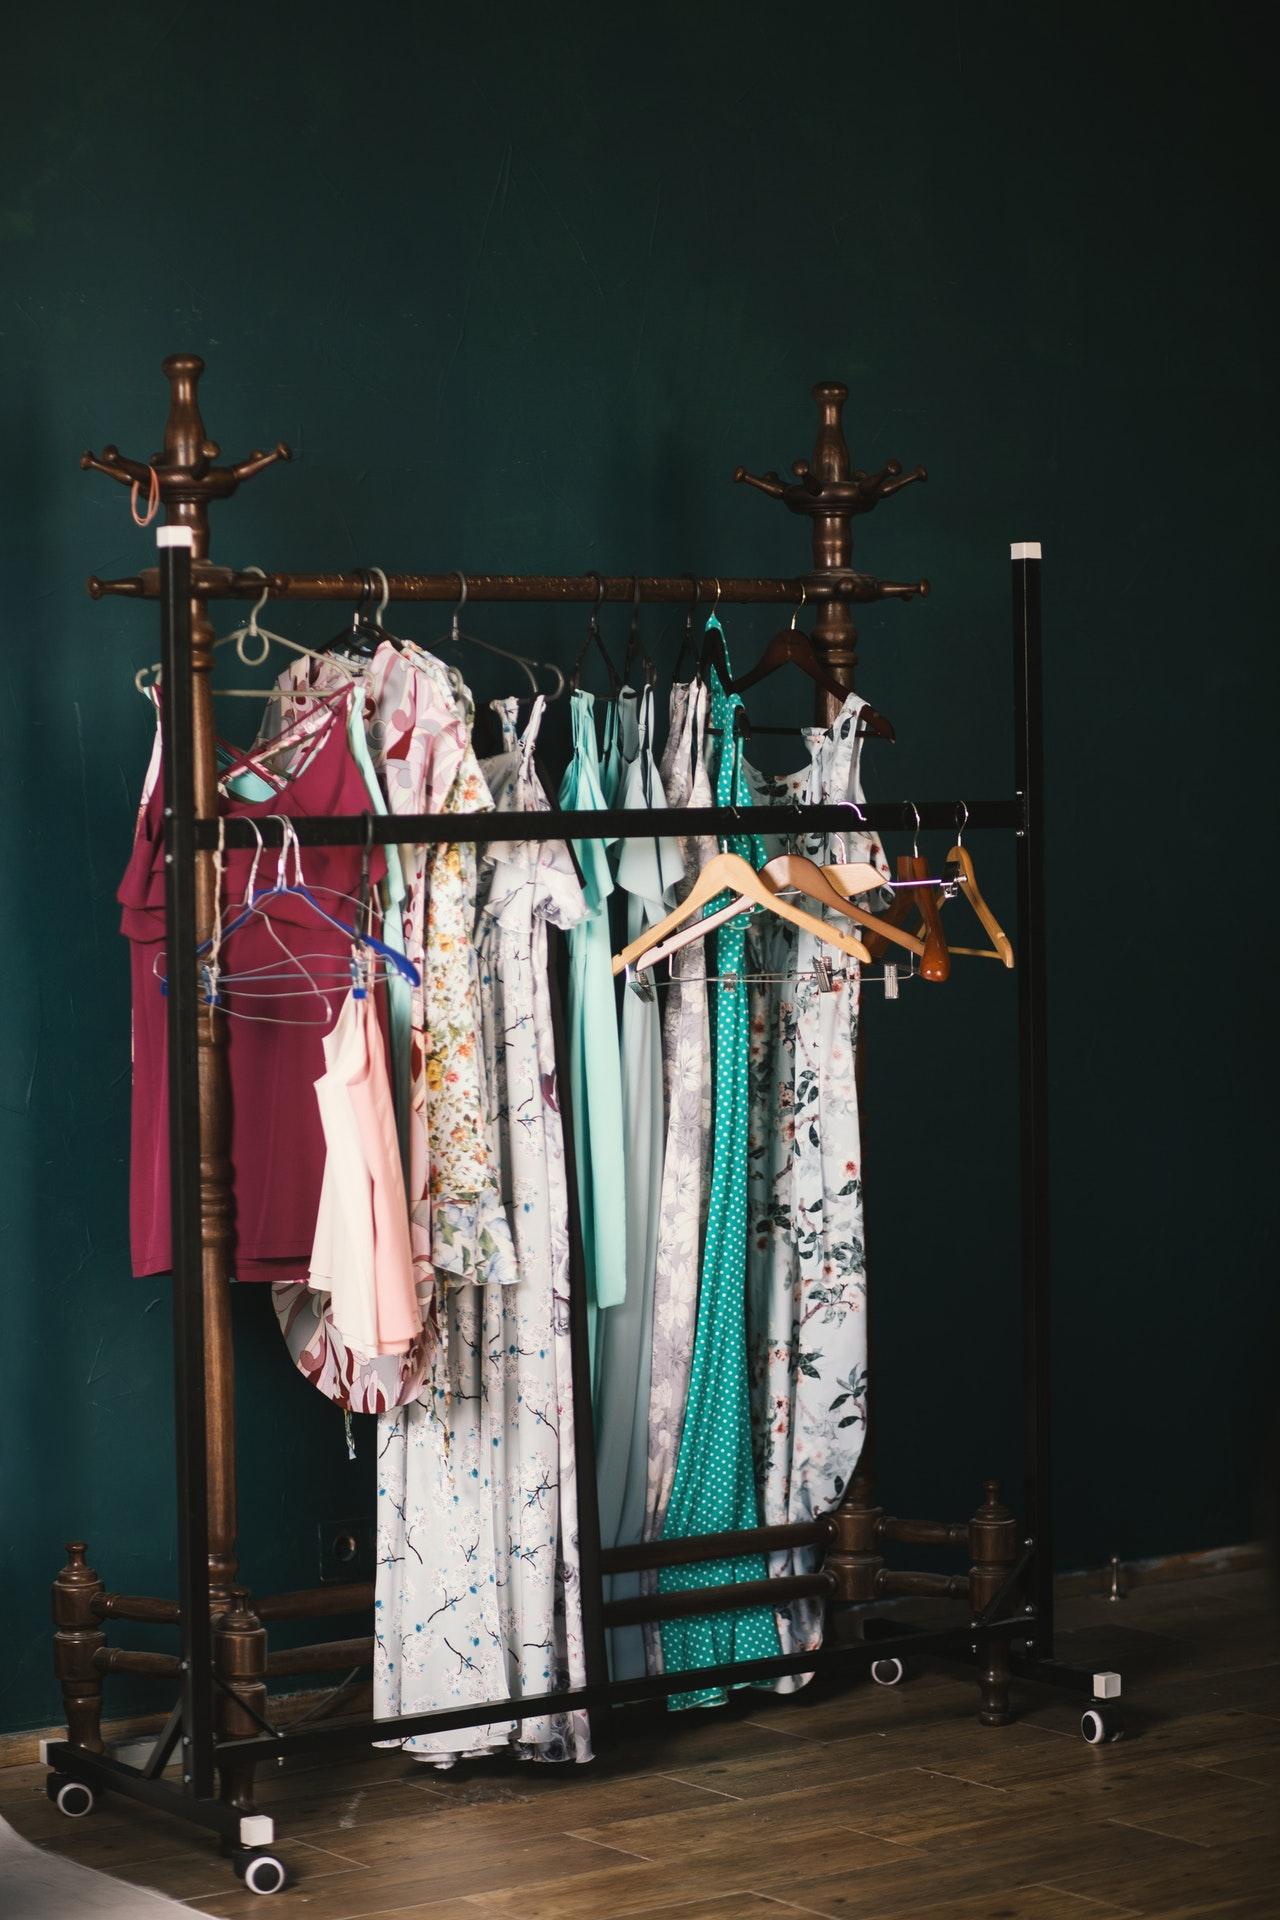 Jakość czy ilość ubrań - Co wybrać?